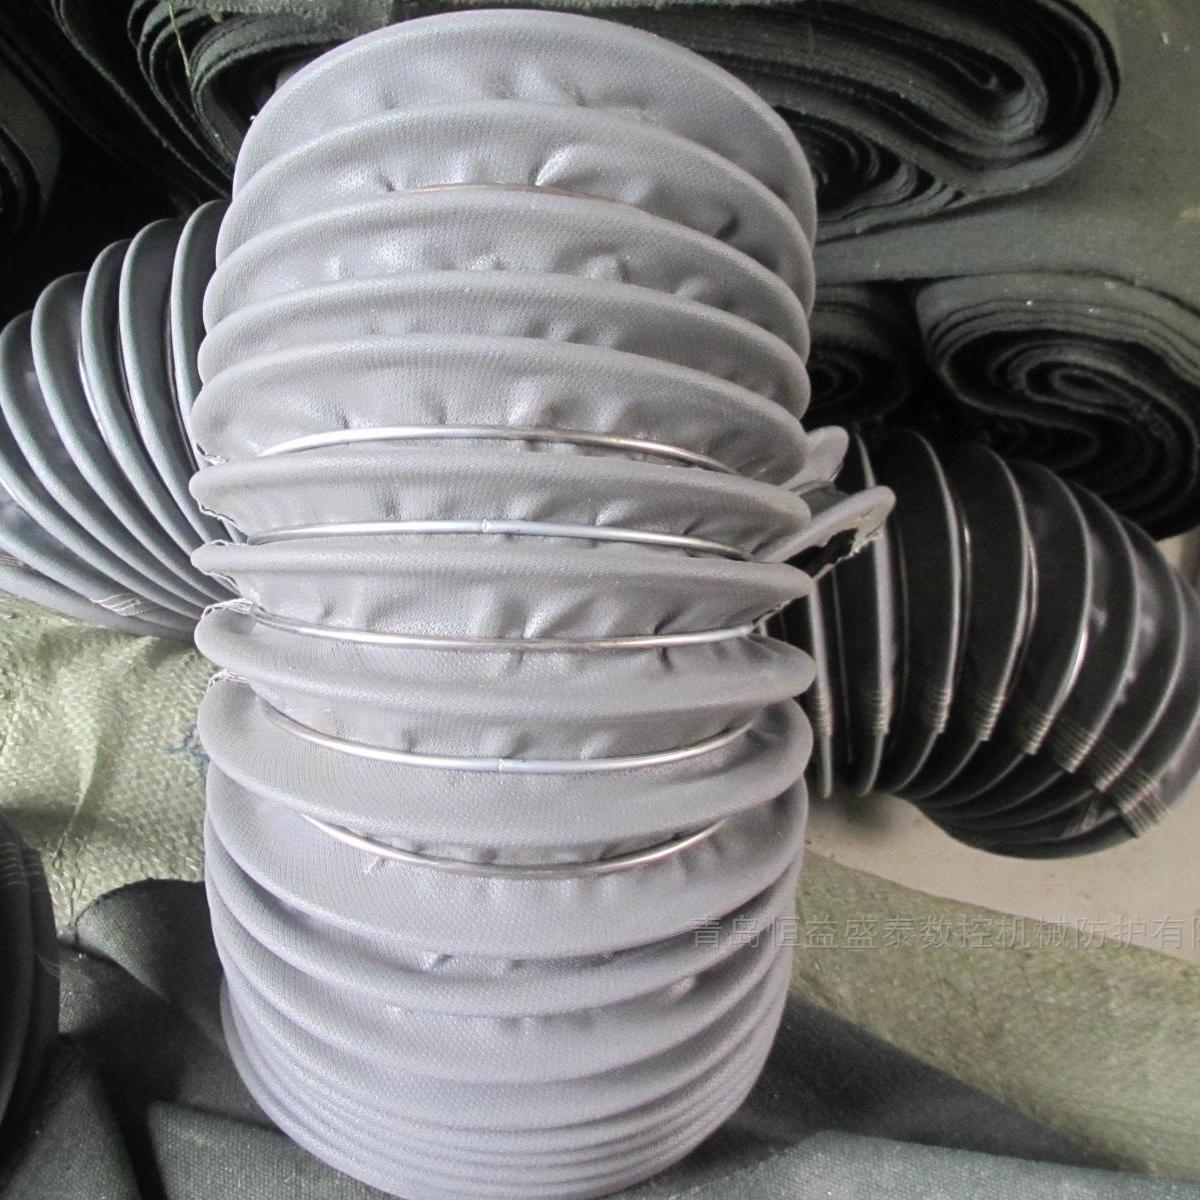 炼钢厂通风口防火耐高温伸缩软连接厂家定制